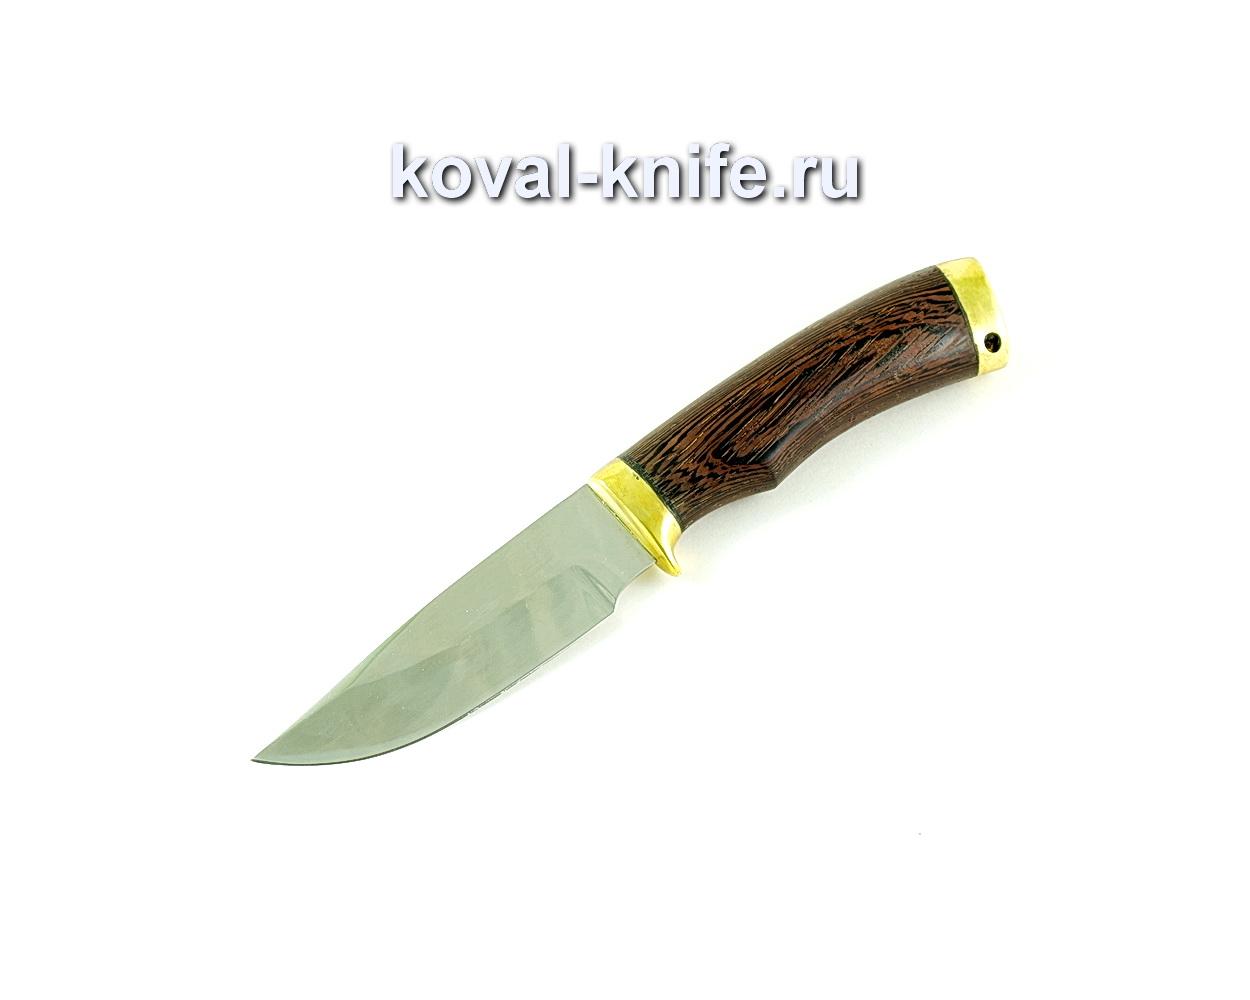 Нож Норвег (сталь 65х13), рукоять венге, литье A167